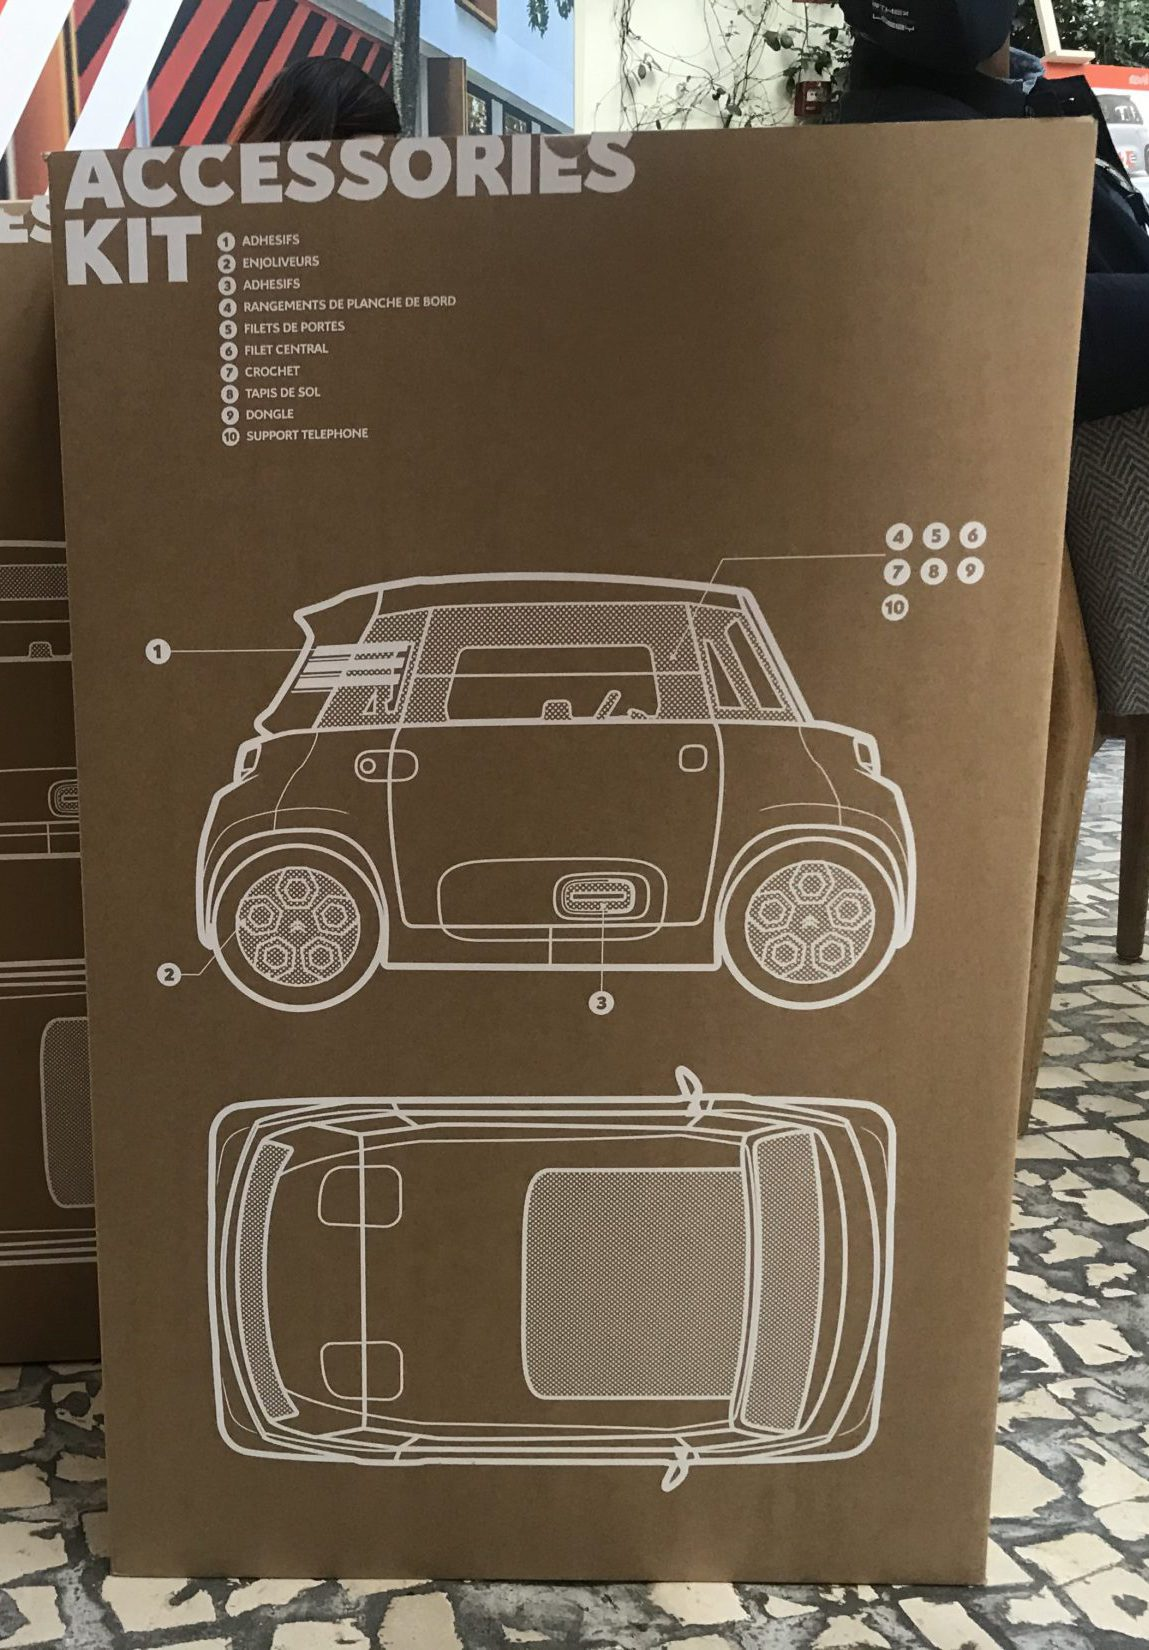 Kit Accesorios Ami